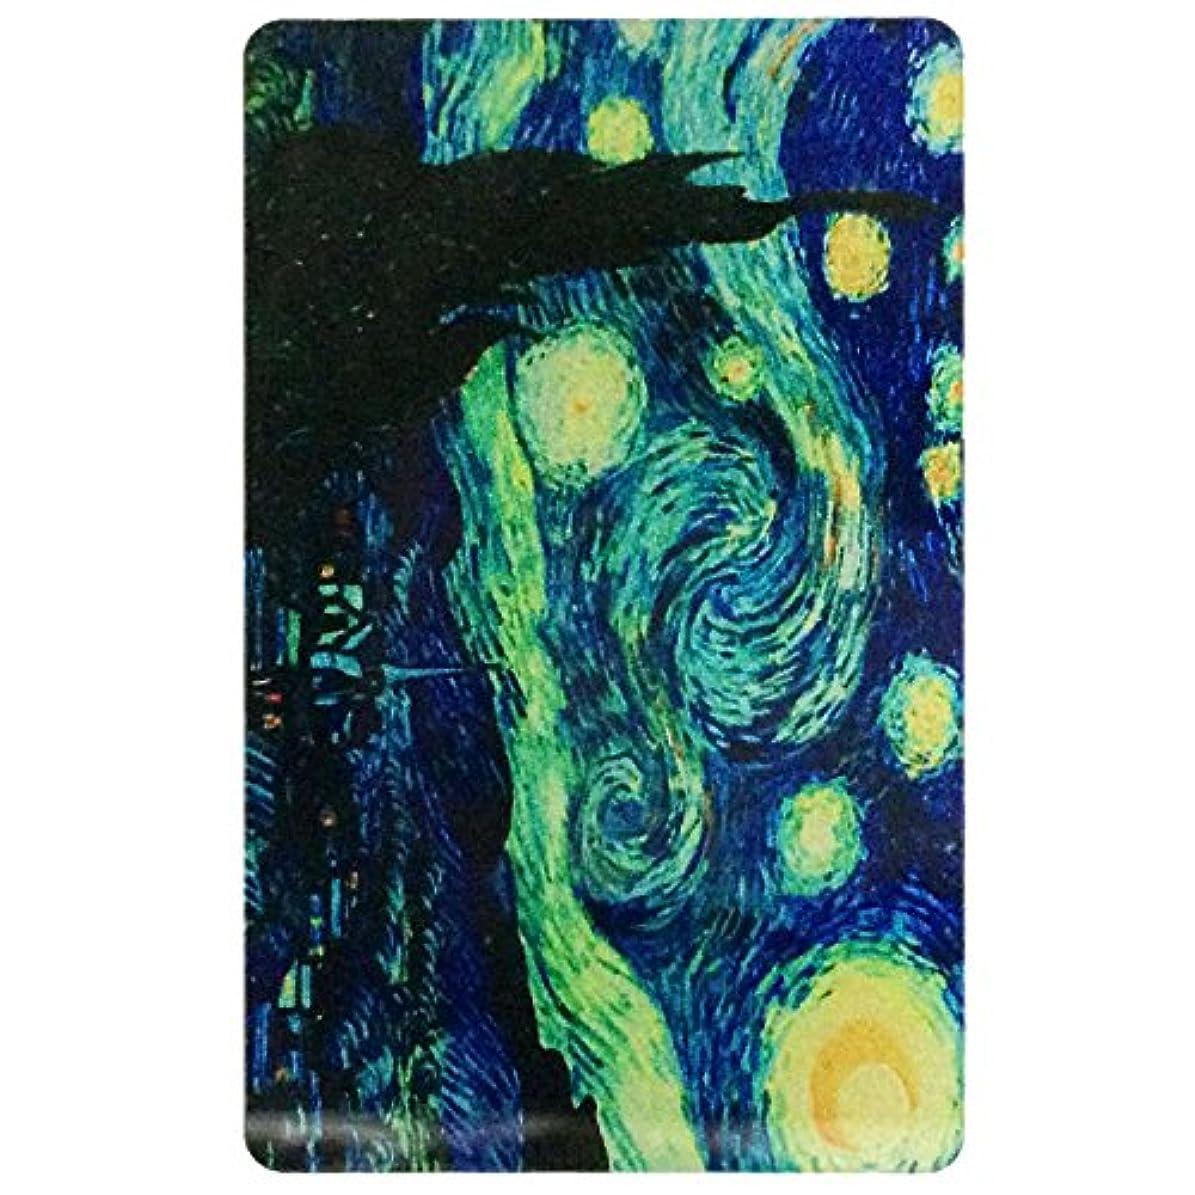 走る平手打ち麻酔薬カードサイズミラー MA02 カード ミラー 手鏡 コンパクト 手のひら アクリル (MA02)